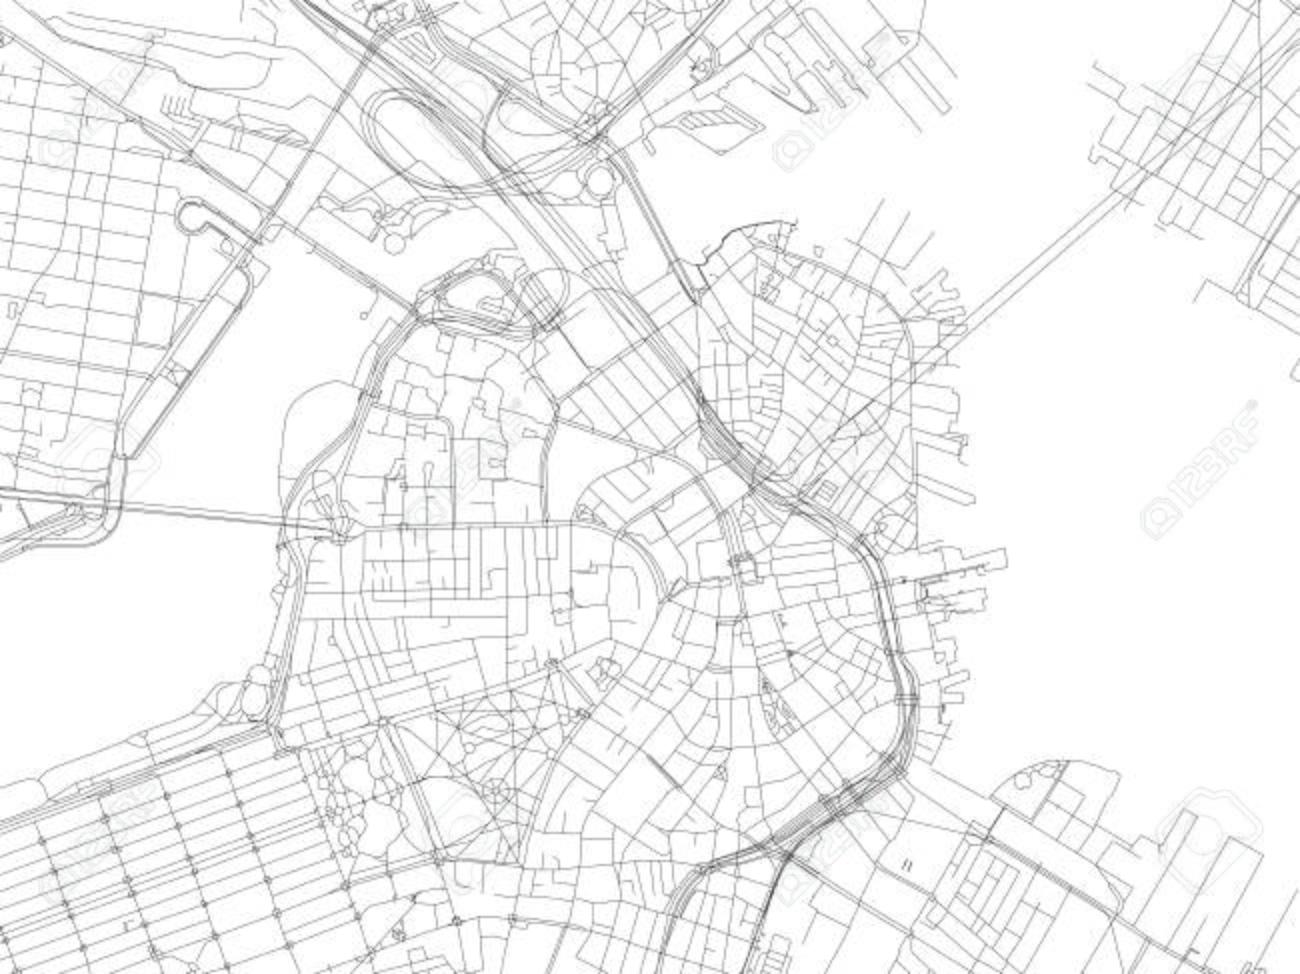 Cartina Autostradale Della Lombardia.Vettoriale Strade Di Boston Mappa Della Citta Massachusetts Stati Uniti Cartina Stradale Image 90438481